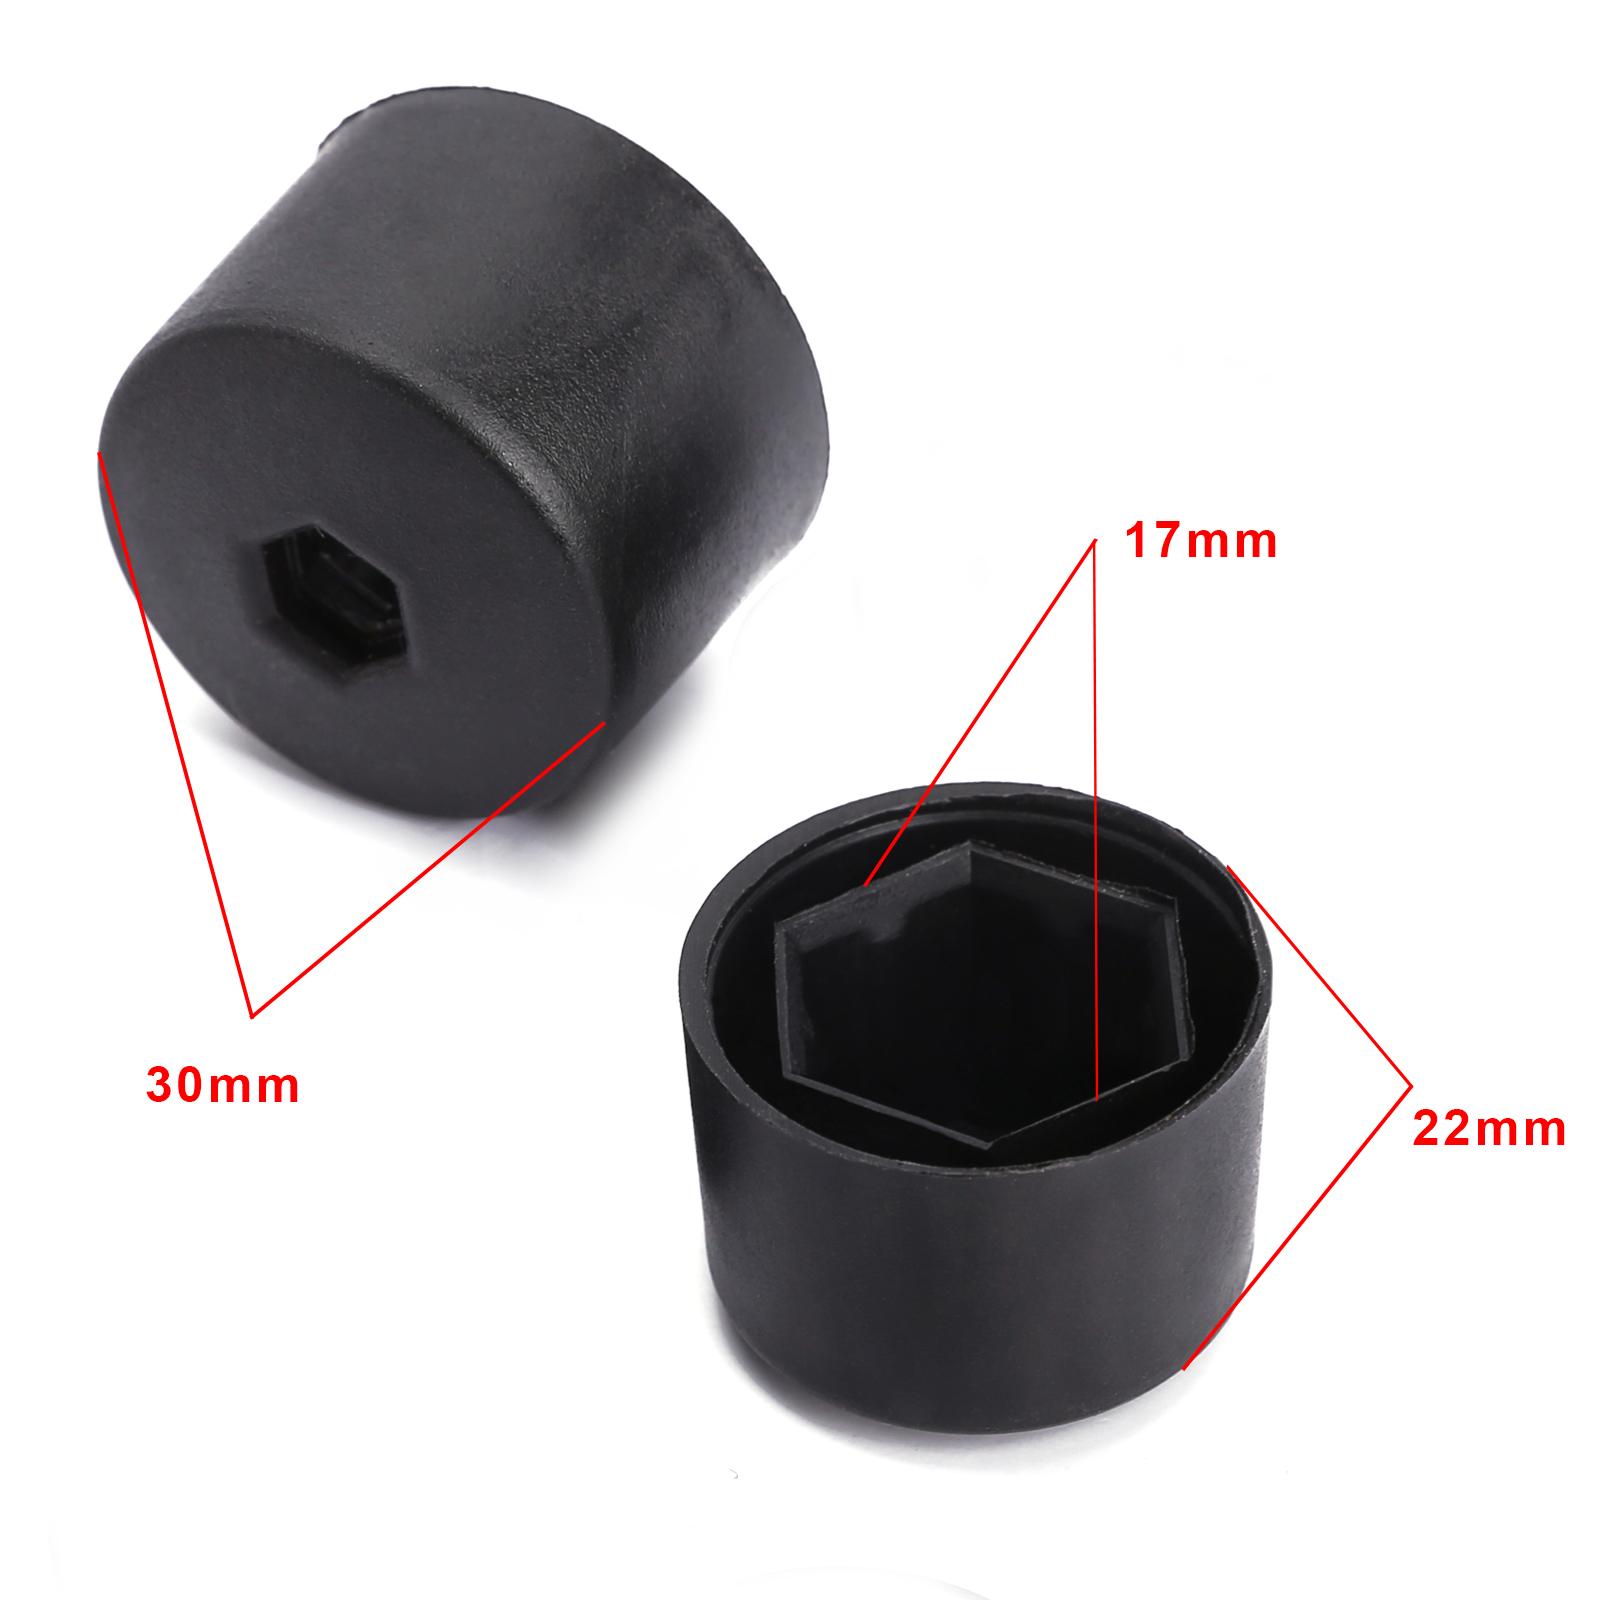 20x cache ecrou hexagonal noir taille 17mm vis boulon roue vw golf 4 bora passat ebay. Black Bedroom Furniture Sets. Home Design Ideas